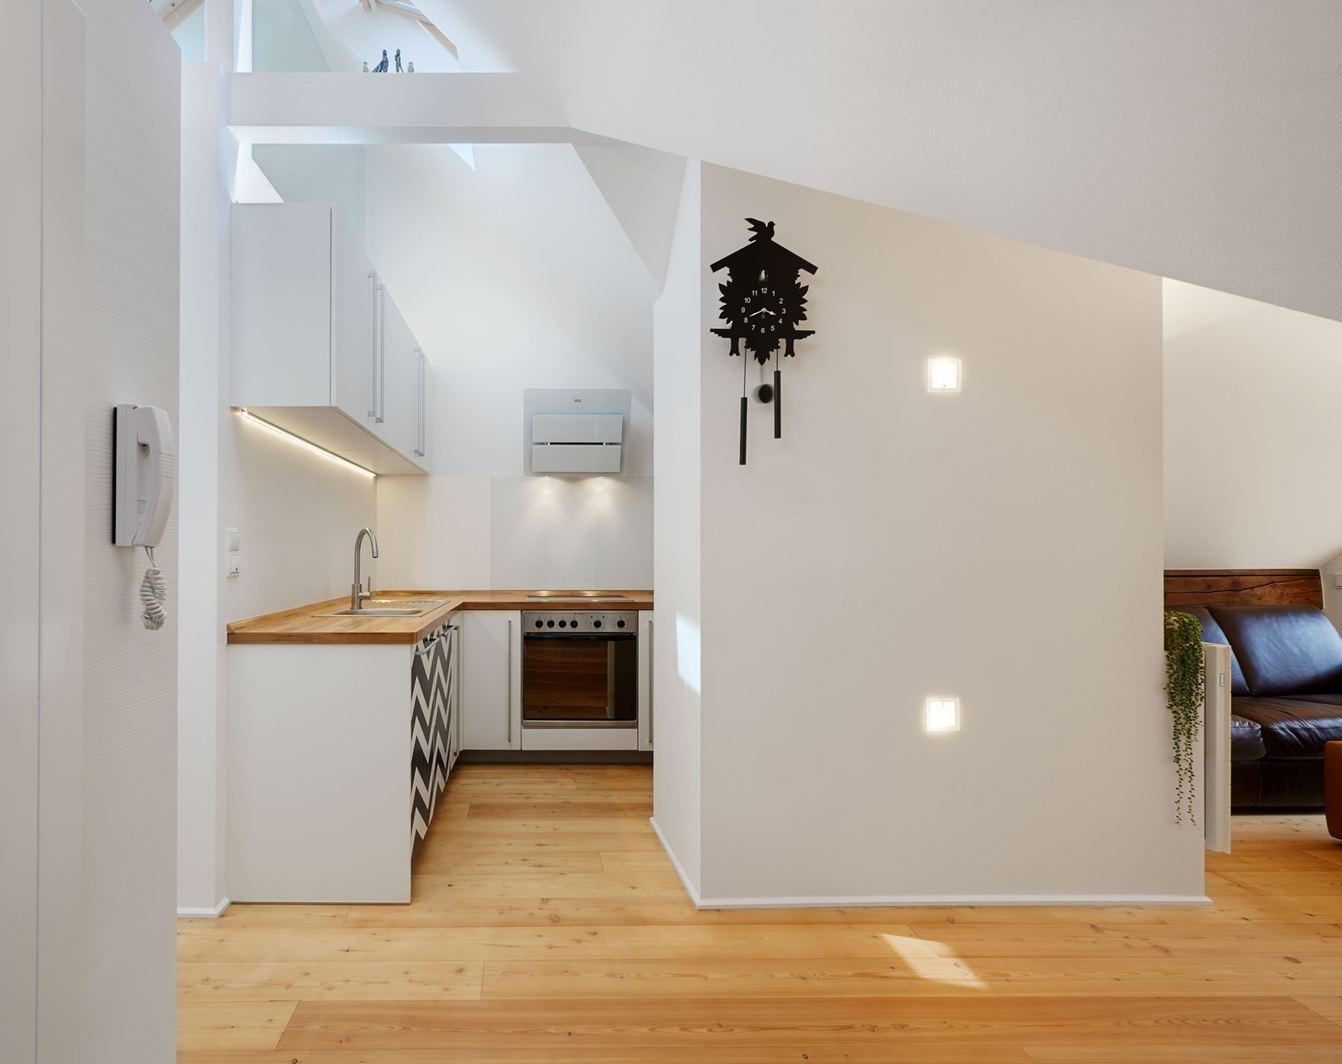 Un appartamento in una mini mansarda di 50 metri quadri for 2 metri quadrati di garage